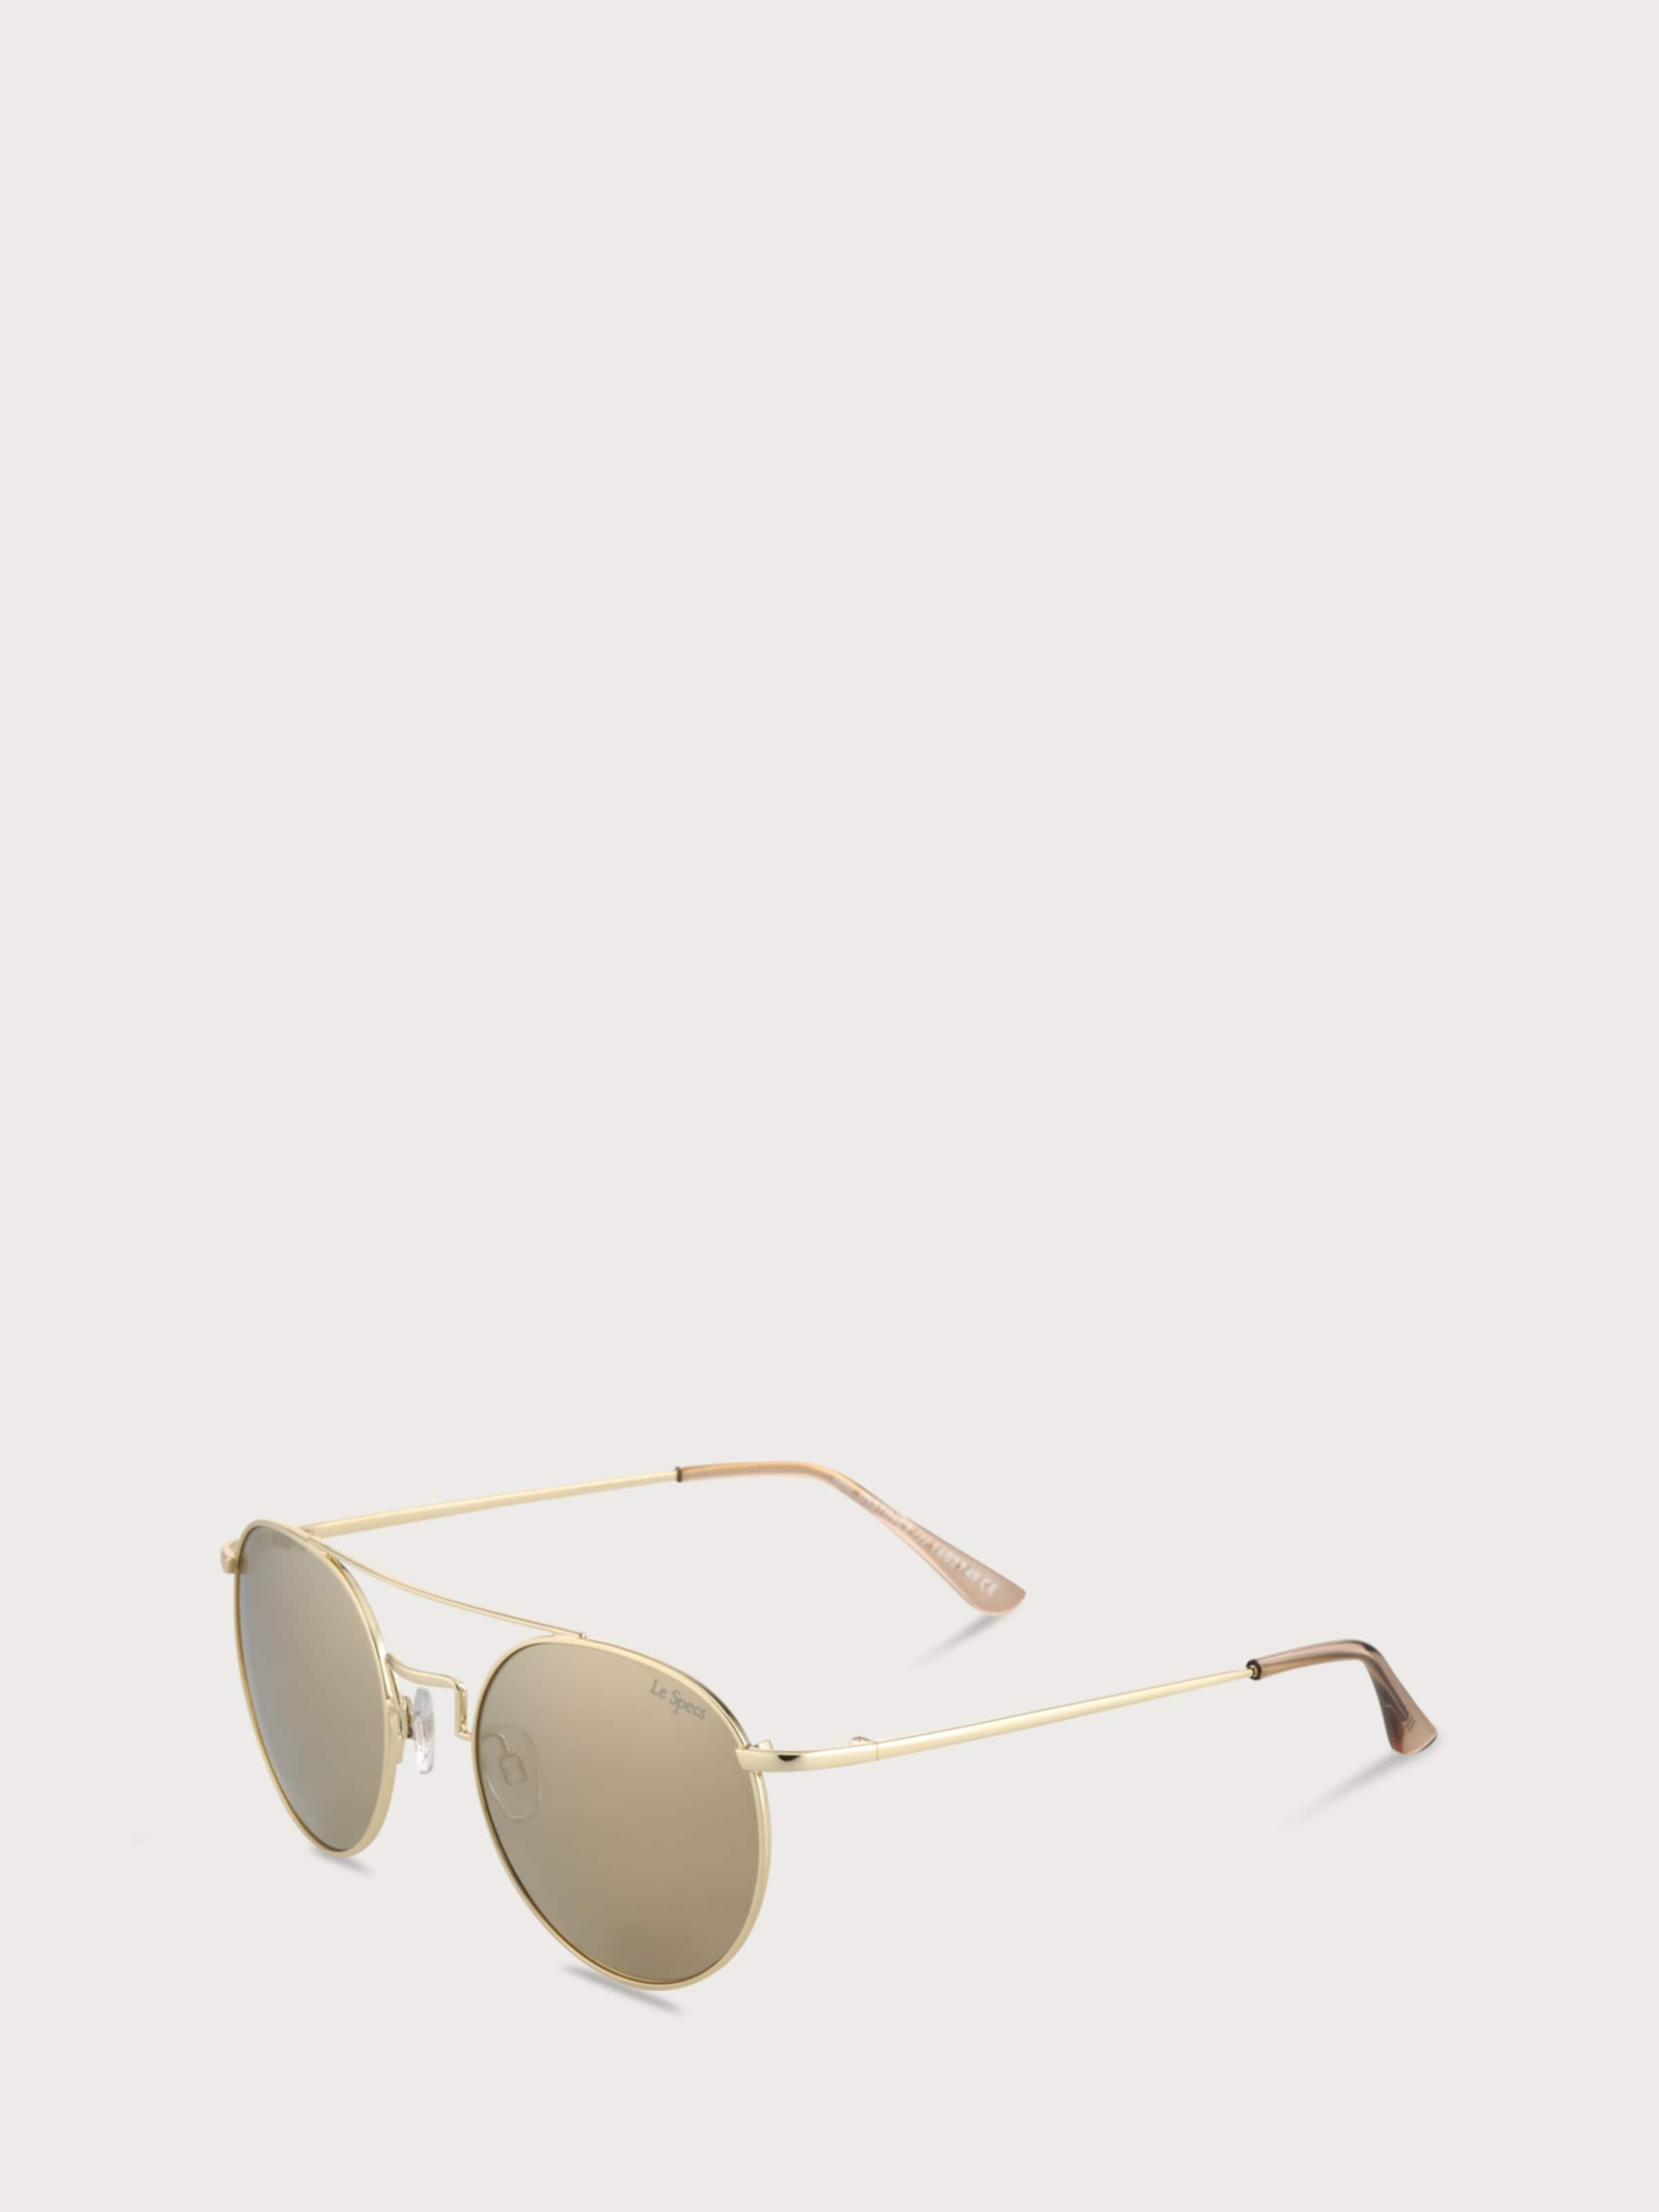 Verkauf Vorbestellung LE SPECS Sonnenbrille 'INSTINCT' Günstigsten Preis Online Die Besten Preise Zu Verkaufen 8fzxP5tGFM